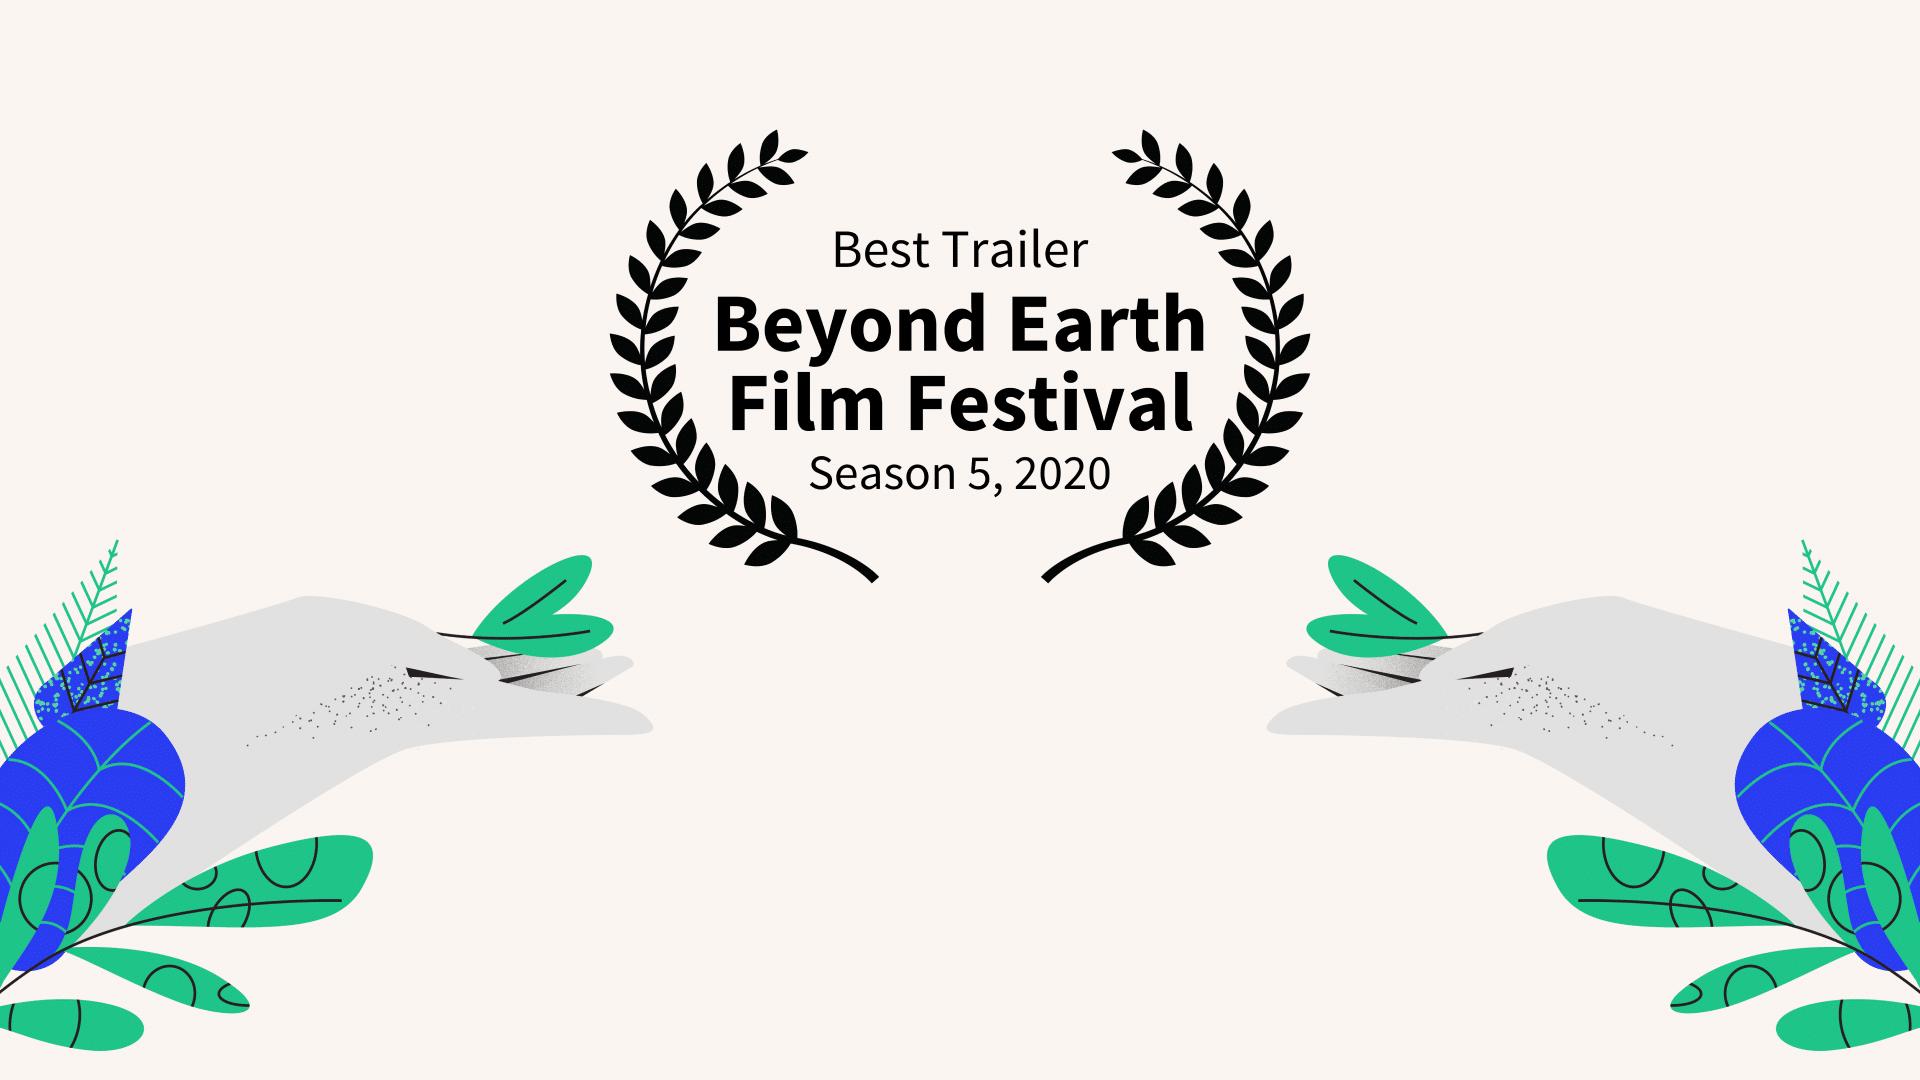 Best-Trailer-Beyond-Earth-Film-Festival-2020